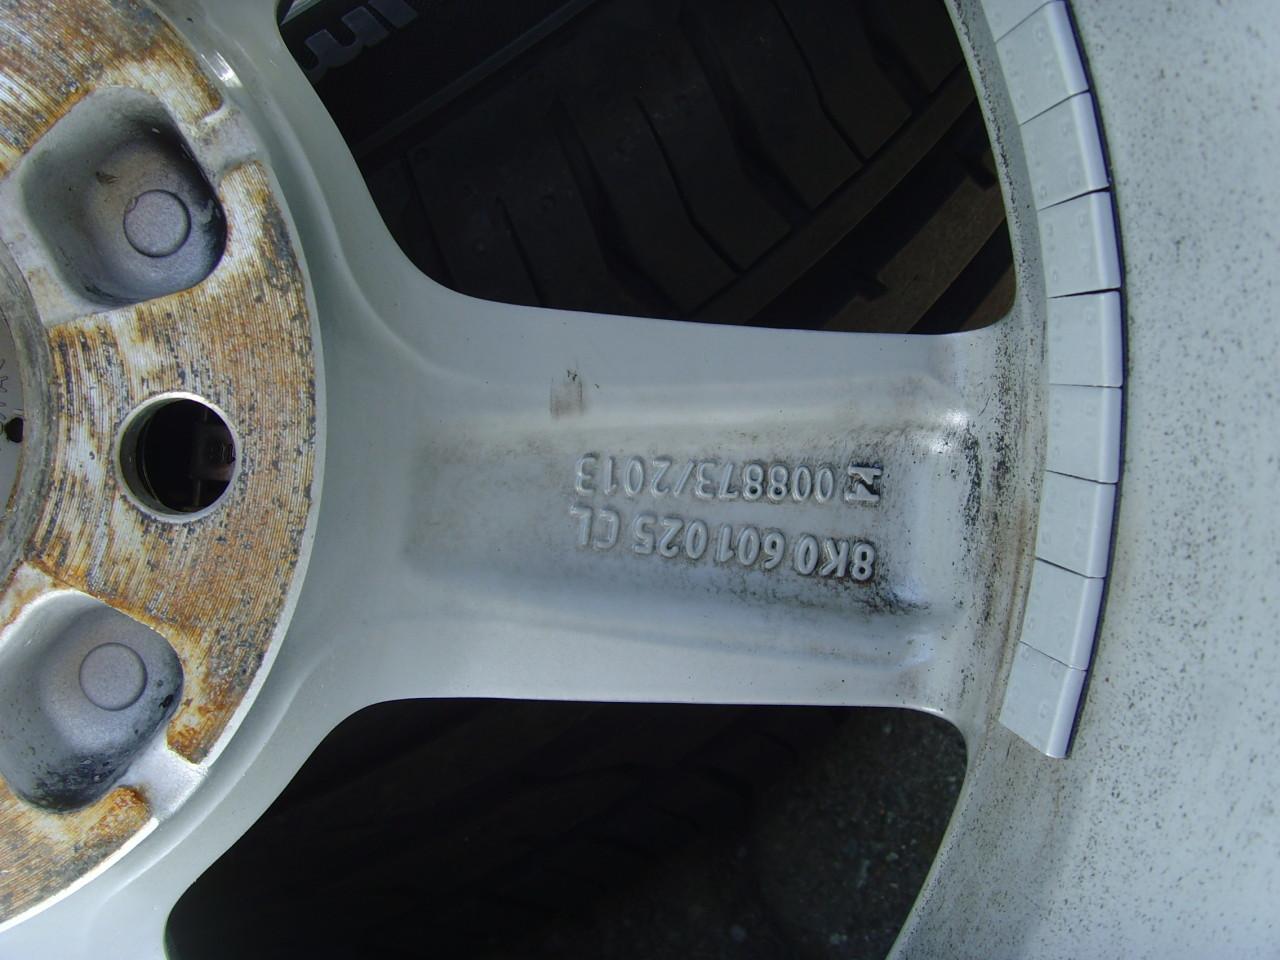 Jante de aliaj 5x112 pe 16 originale AUDI A4 B8 S-line/anvelope vara ca noi 225/55 R16 95Y Conti2017